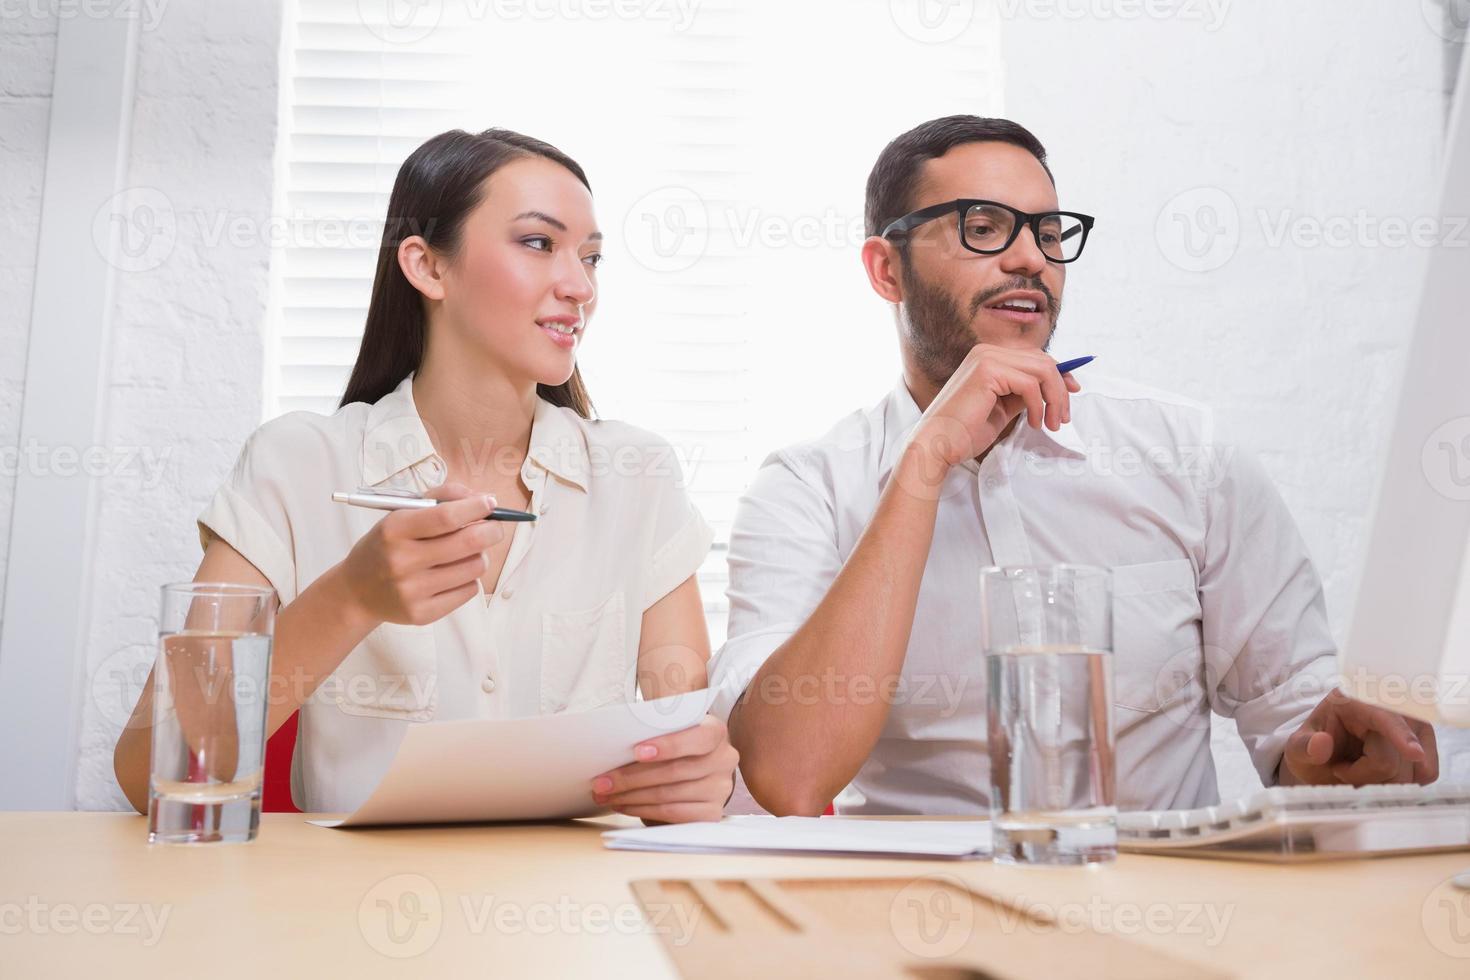 colegas casuais em reunião no escritório foto